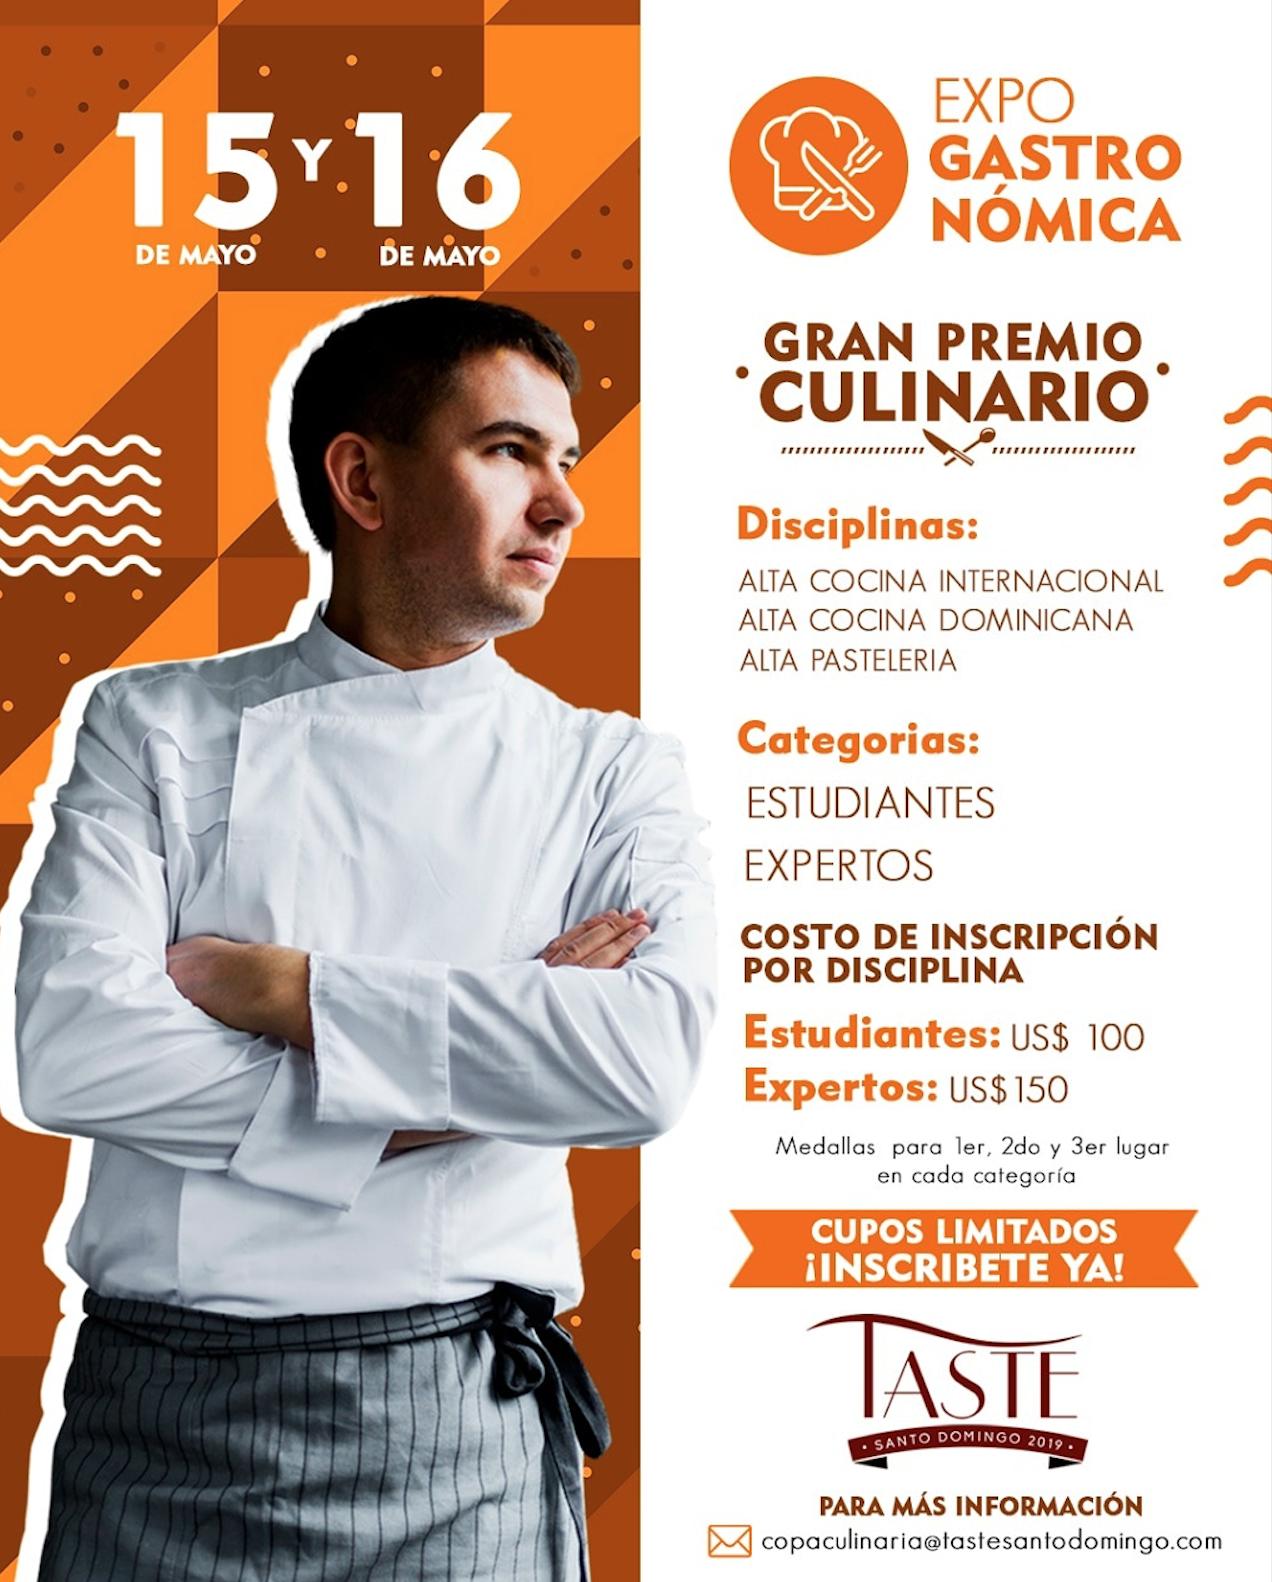 CONVOCATORIA: Expo Gastronómica | 15 y 16 mayo, 2019, Santo Domingo. RD.